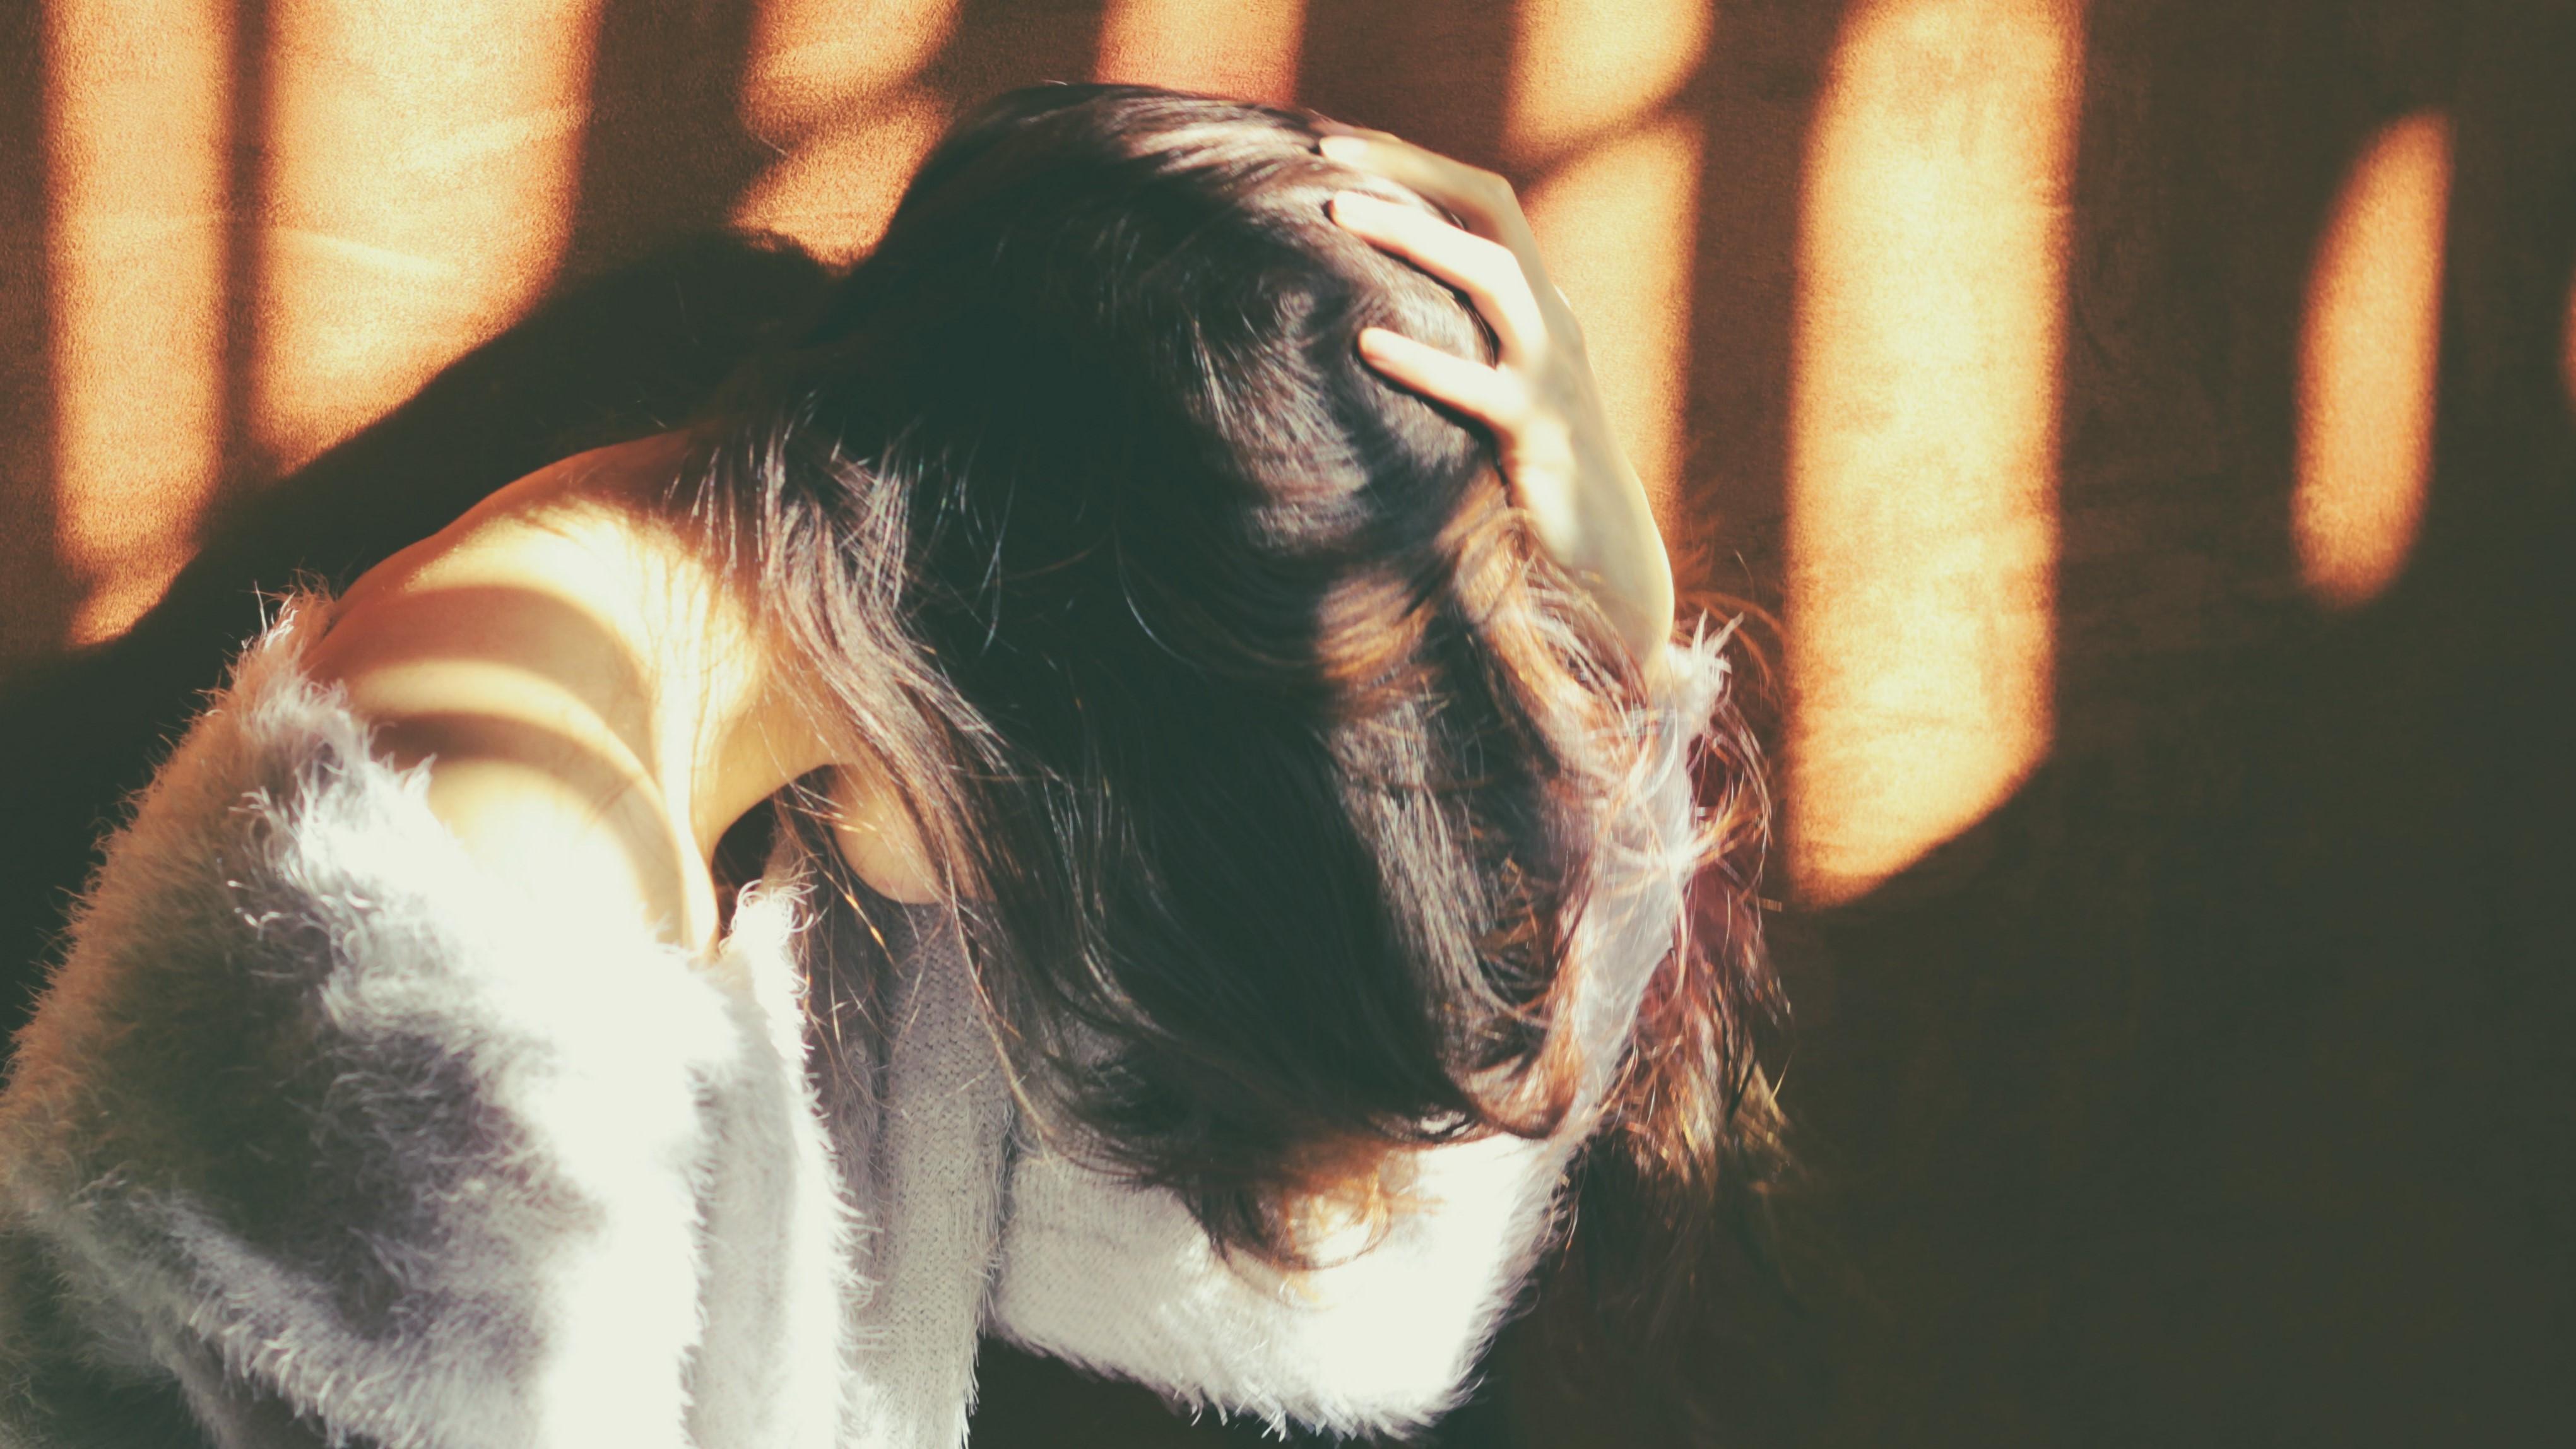 Trauriges Mädchen vor einer Wand im Schatten